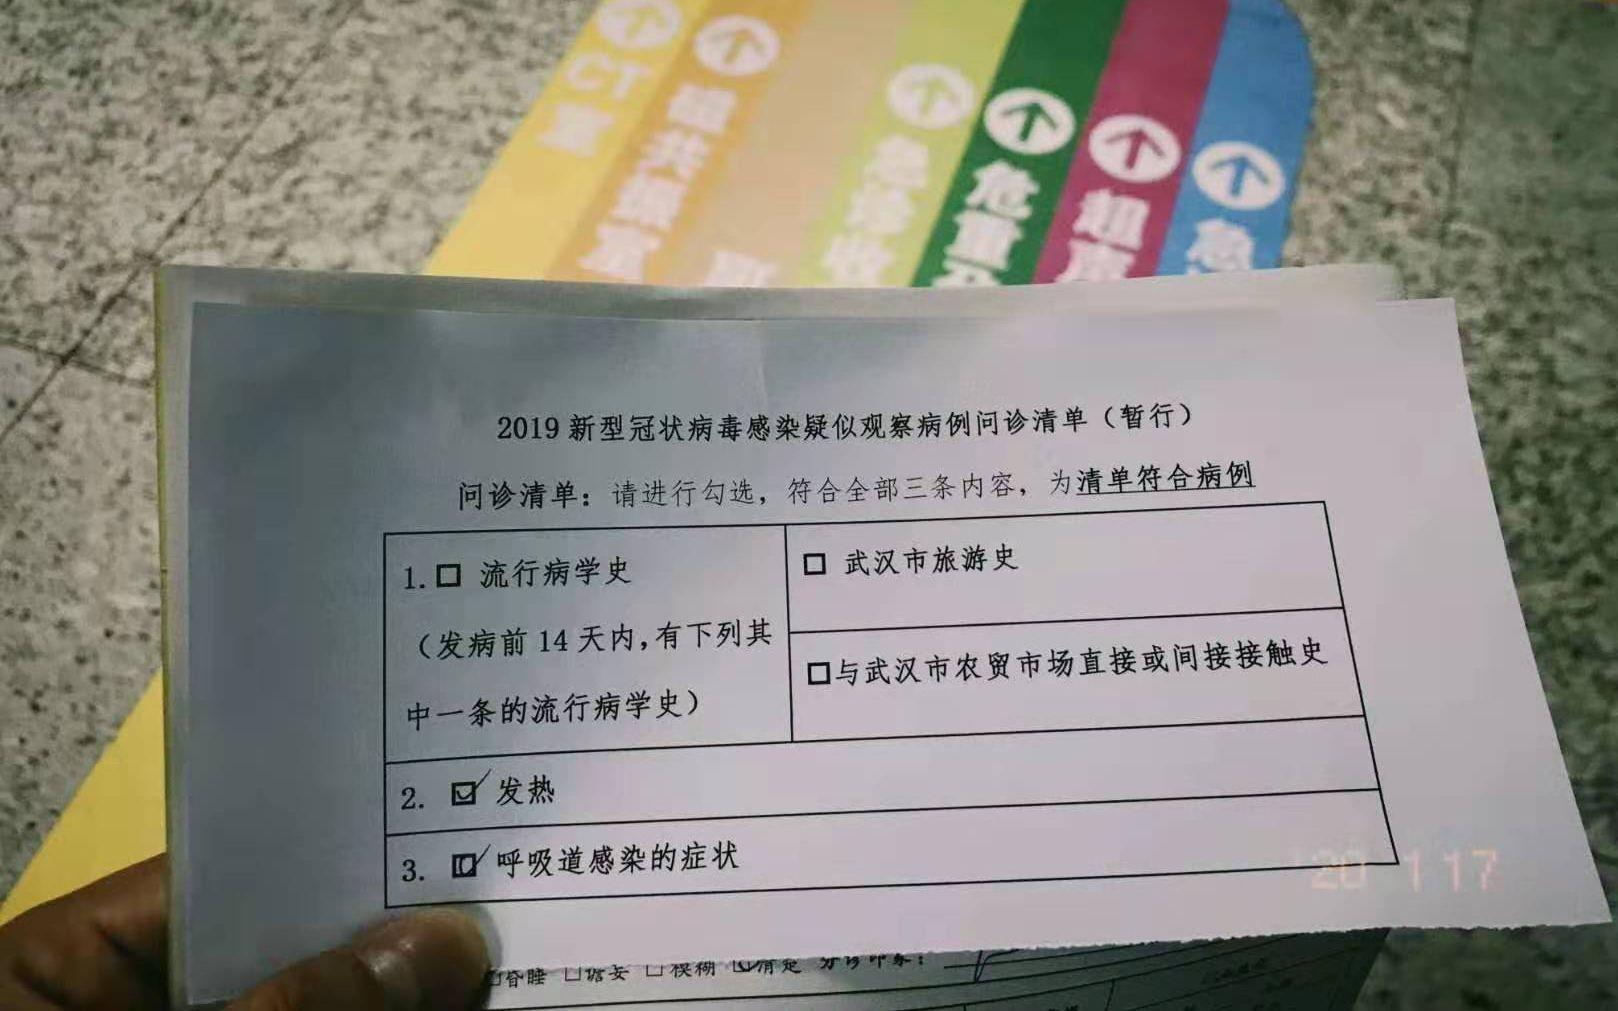 北京出现新型冠状病毒肺炎病例 医院启动筛查、发放口罩